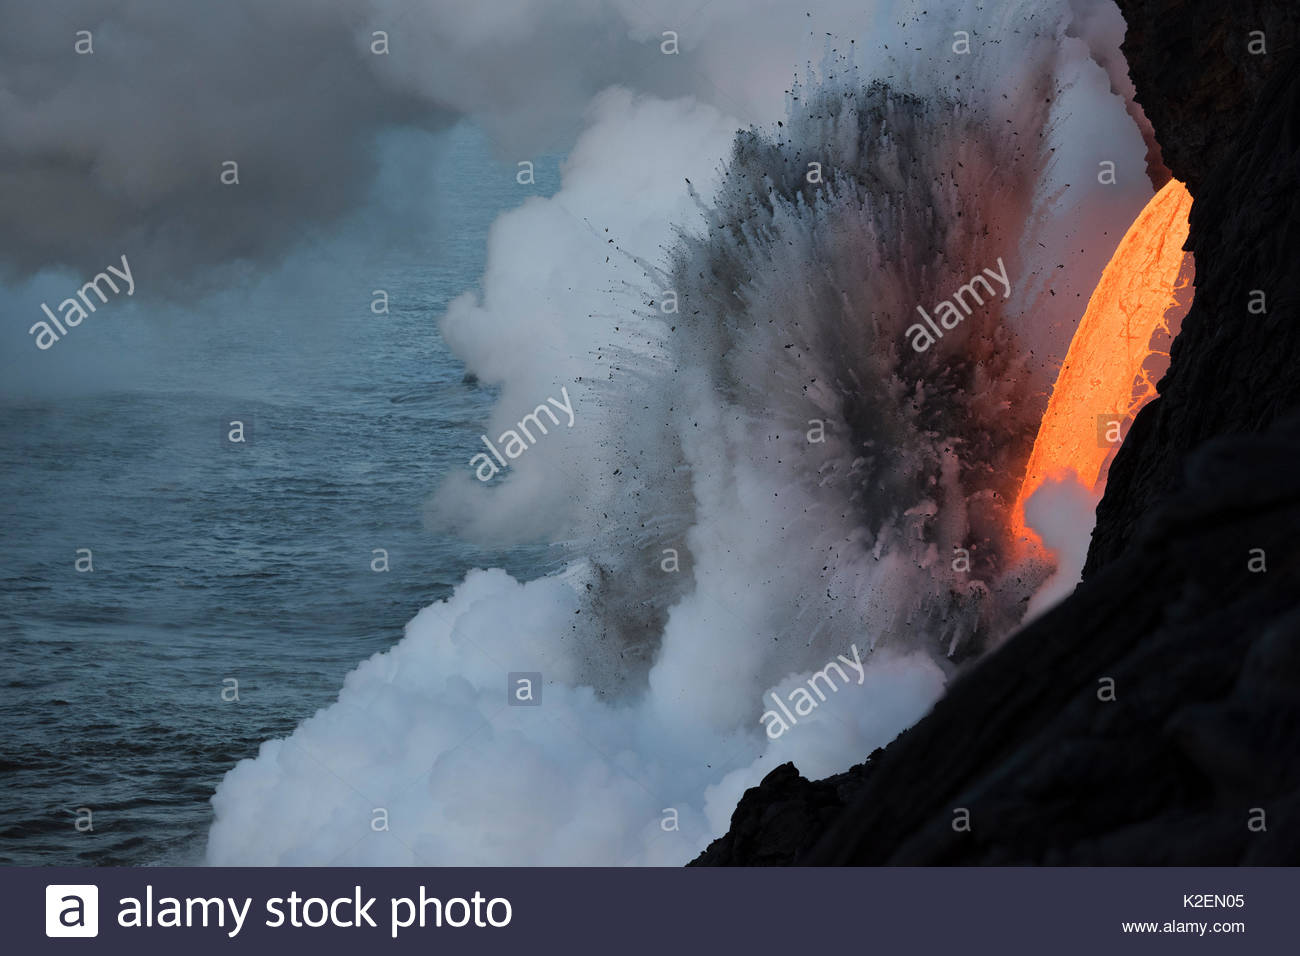 De la lave chaude 61G découlent de Kilauea Volcano pénétré dans l'océan de l'extrémité ouverte d'un tube de lave à l'entrée de Kamokuna à Hawaii Volcanoes National Park, la production d'un grand nuage de vapeur et de violentes explosions qui jettent des pierres ponces chaud haut dans les airs, Kalapana, Puna, Hawaii. Janvier 2017. Photo Stock